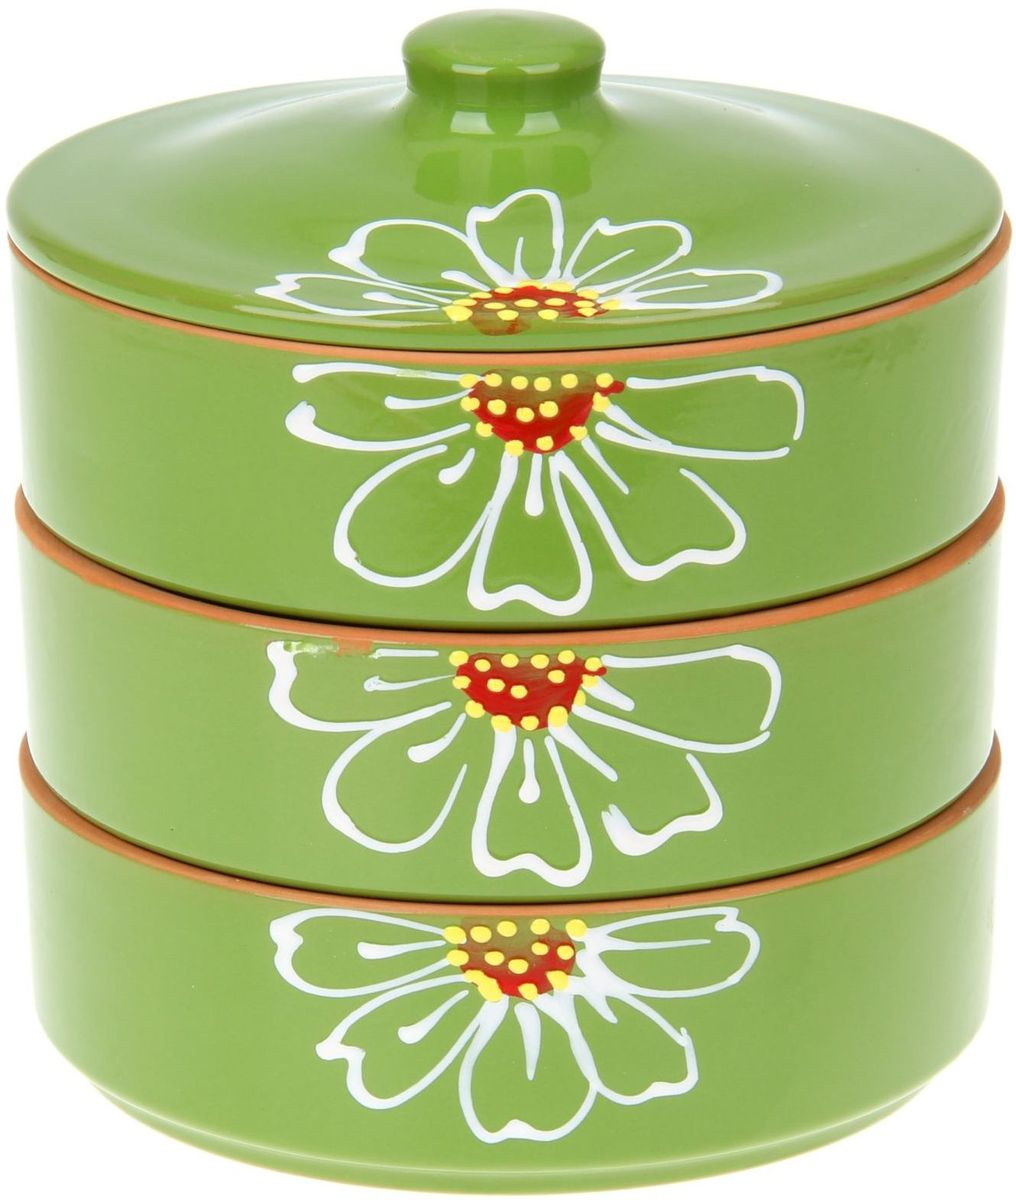 Набор блюд для холодца Псковский гончар Цветок, цвет: зеленый, 4 предмета миска псковский гончар праздничная